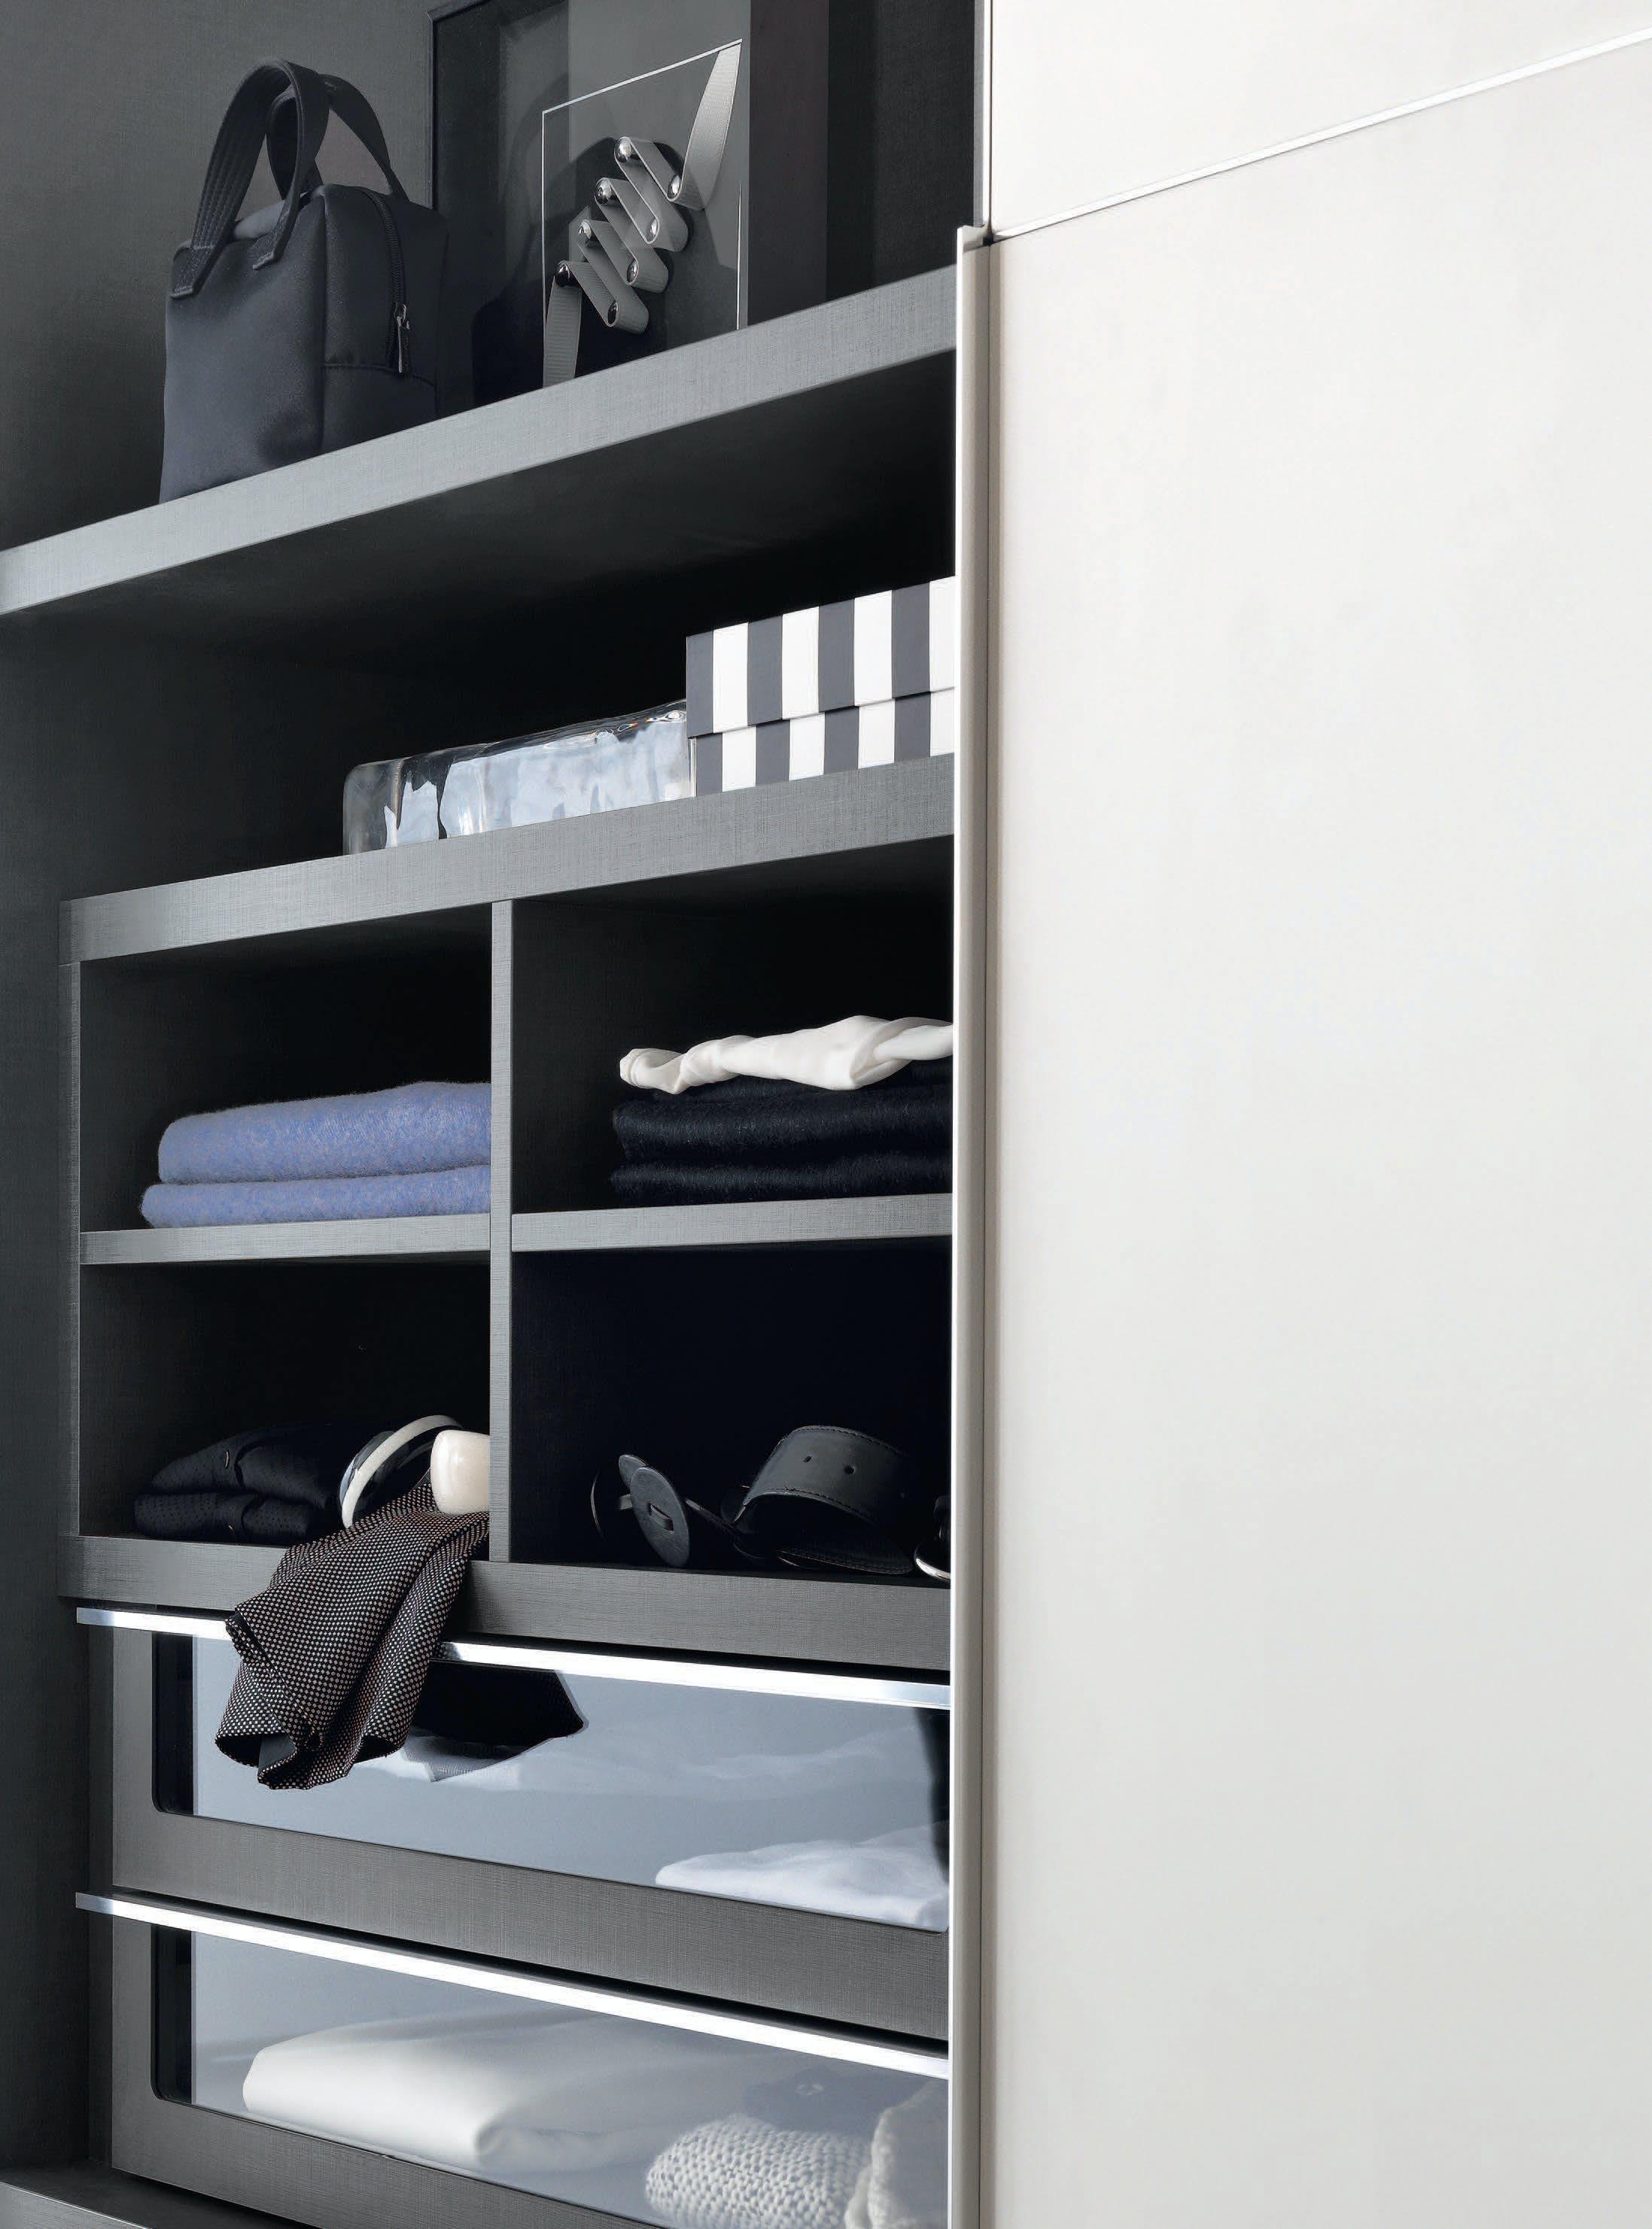 Giellesse Heron System Interior Shelf Haute Living